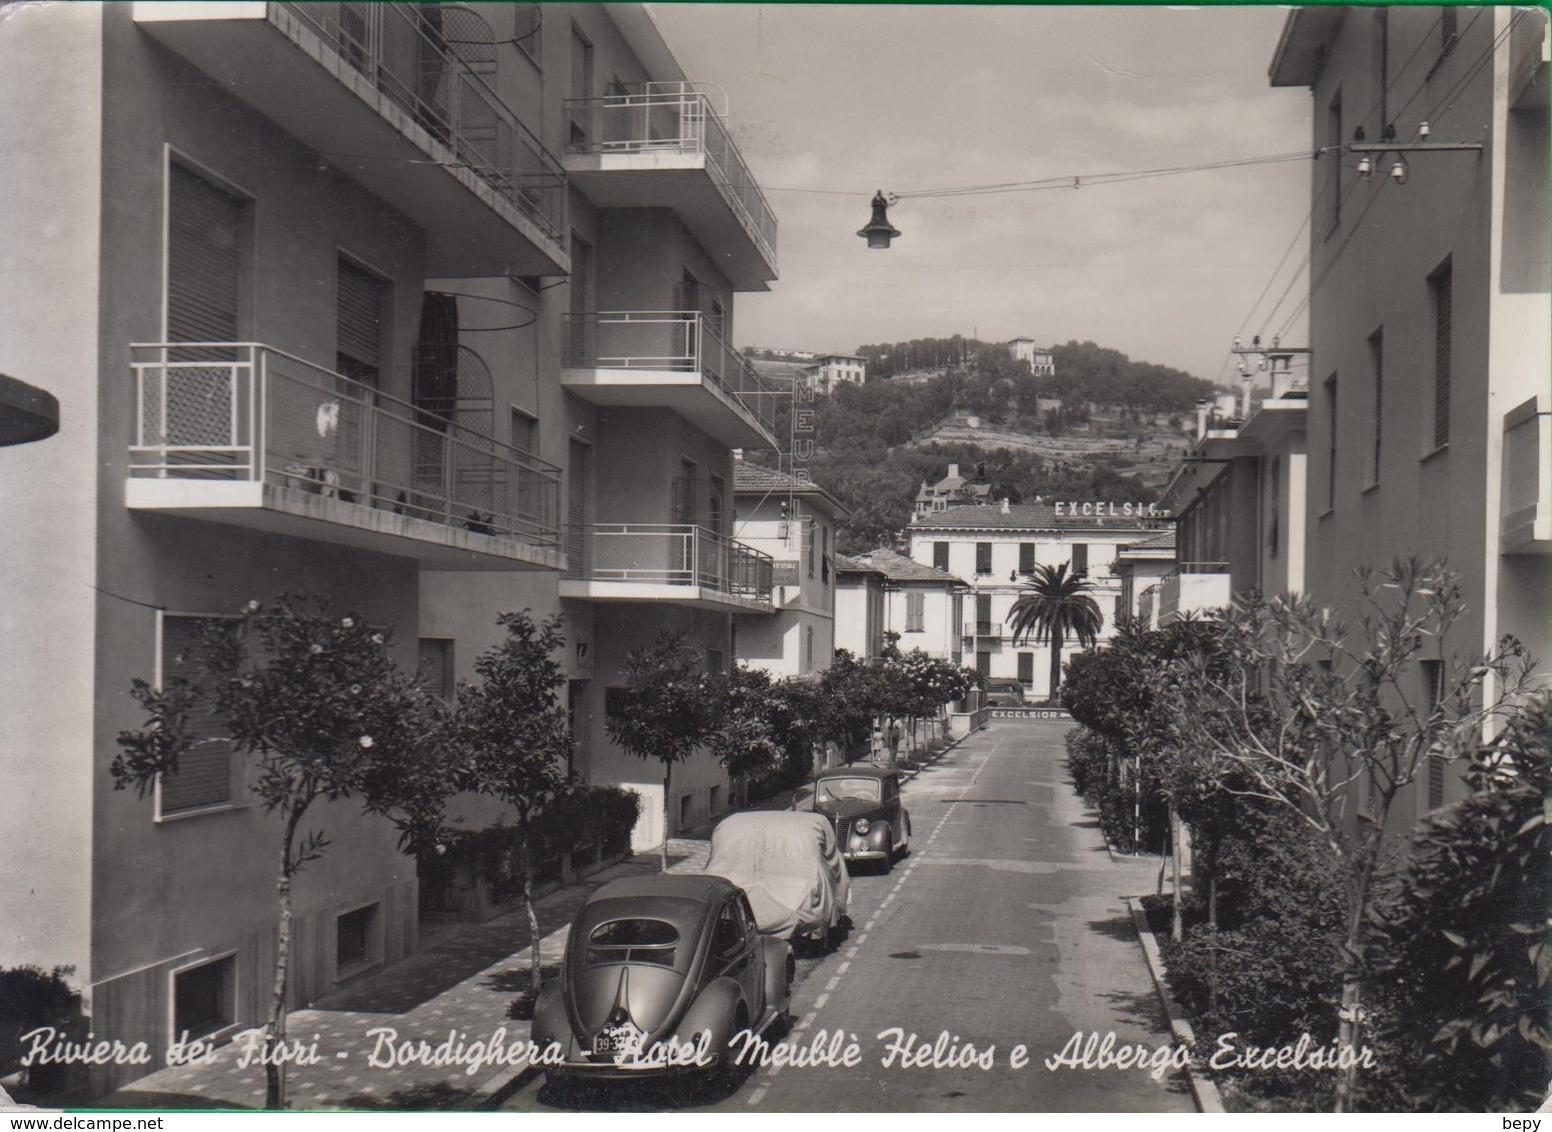 BORDIGHERA. Riviera Dei Fiori. Hotel Meublè Helios. Abergo Excelsion. Bar. Macchina. Auto. 354 - Imperia